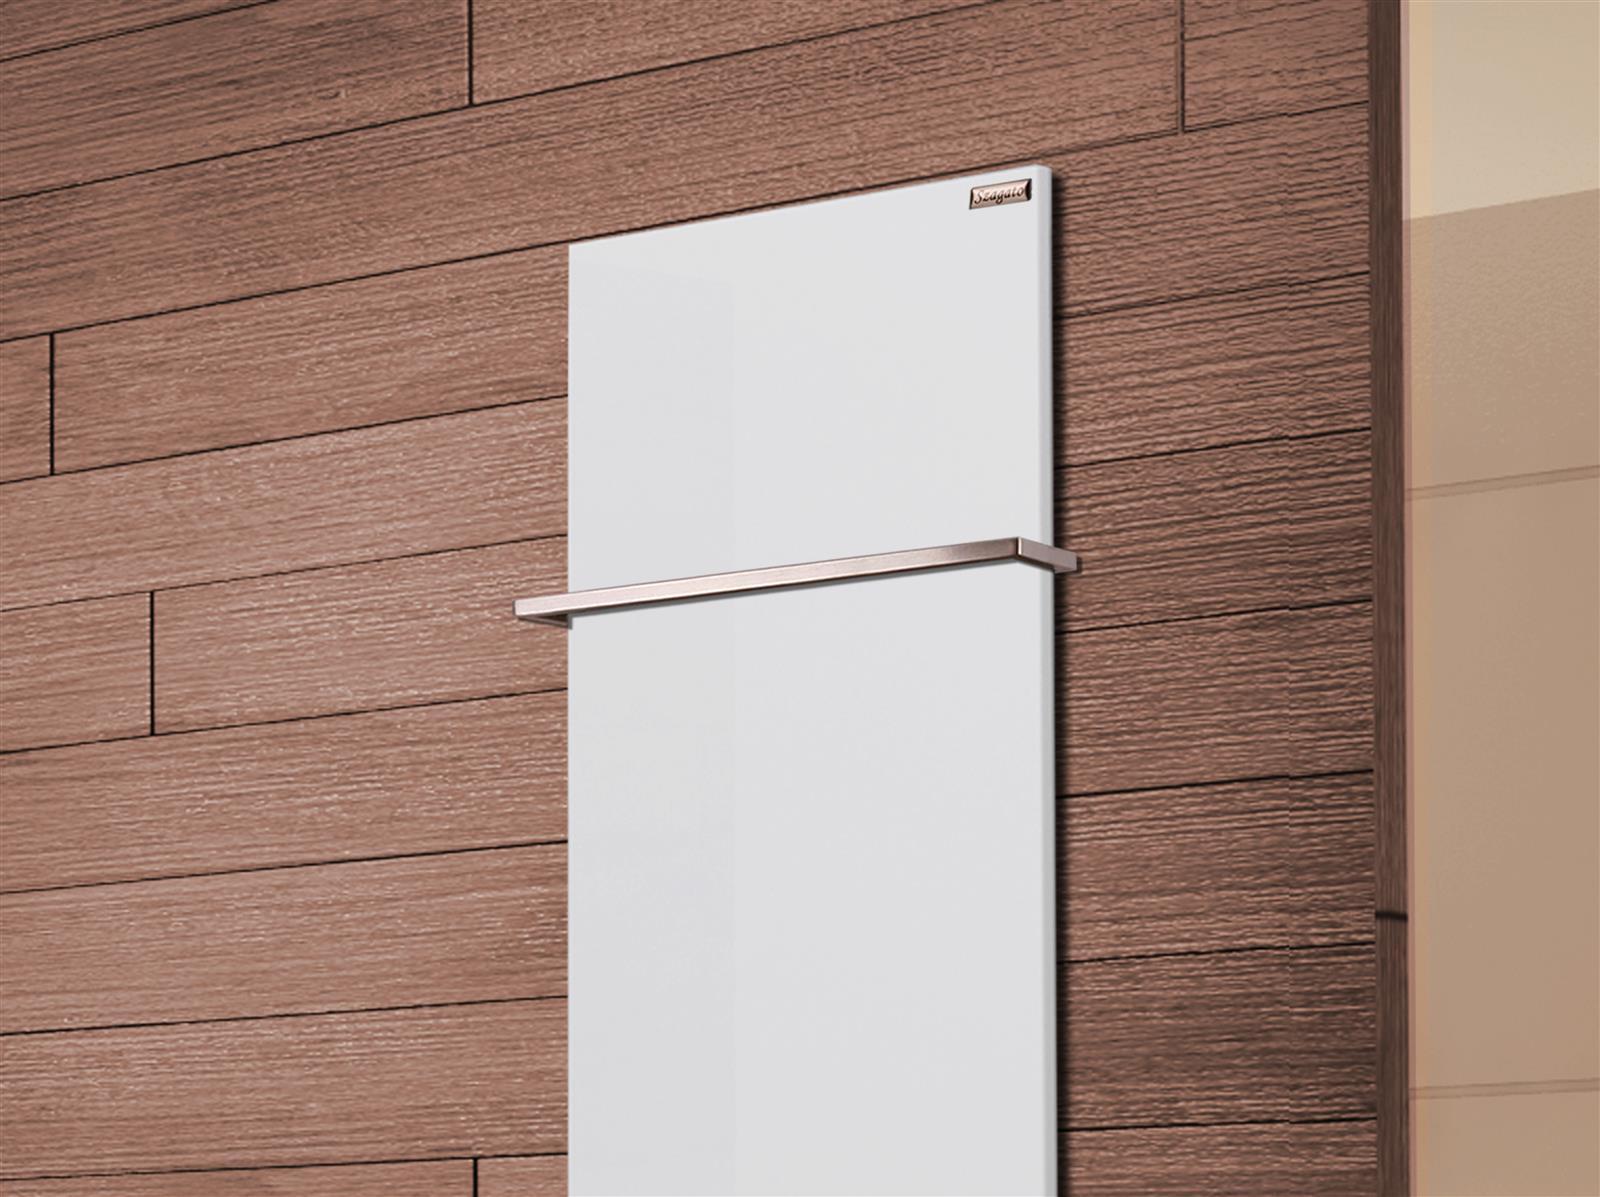 Full Size of Badheizkrper Design Mirror Steel 2 Handtuchhalter Küche Bad Heizkörper Badezimmer Wohnzimmer Für Elektroheizkörper Wohnzimmer Handtuchhalter Heizkörper